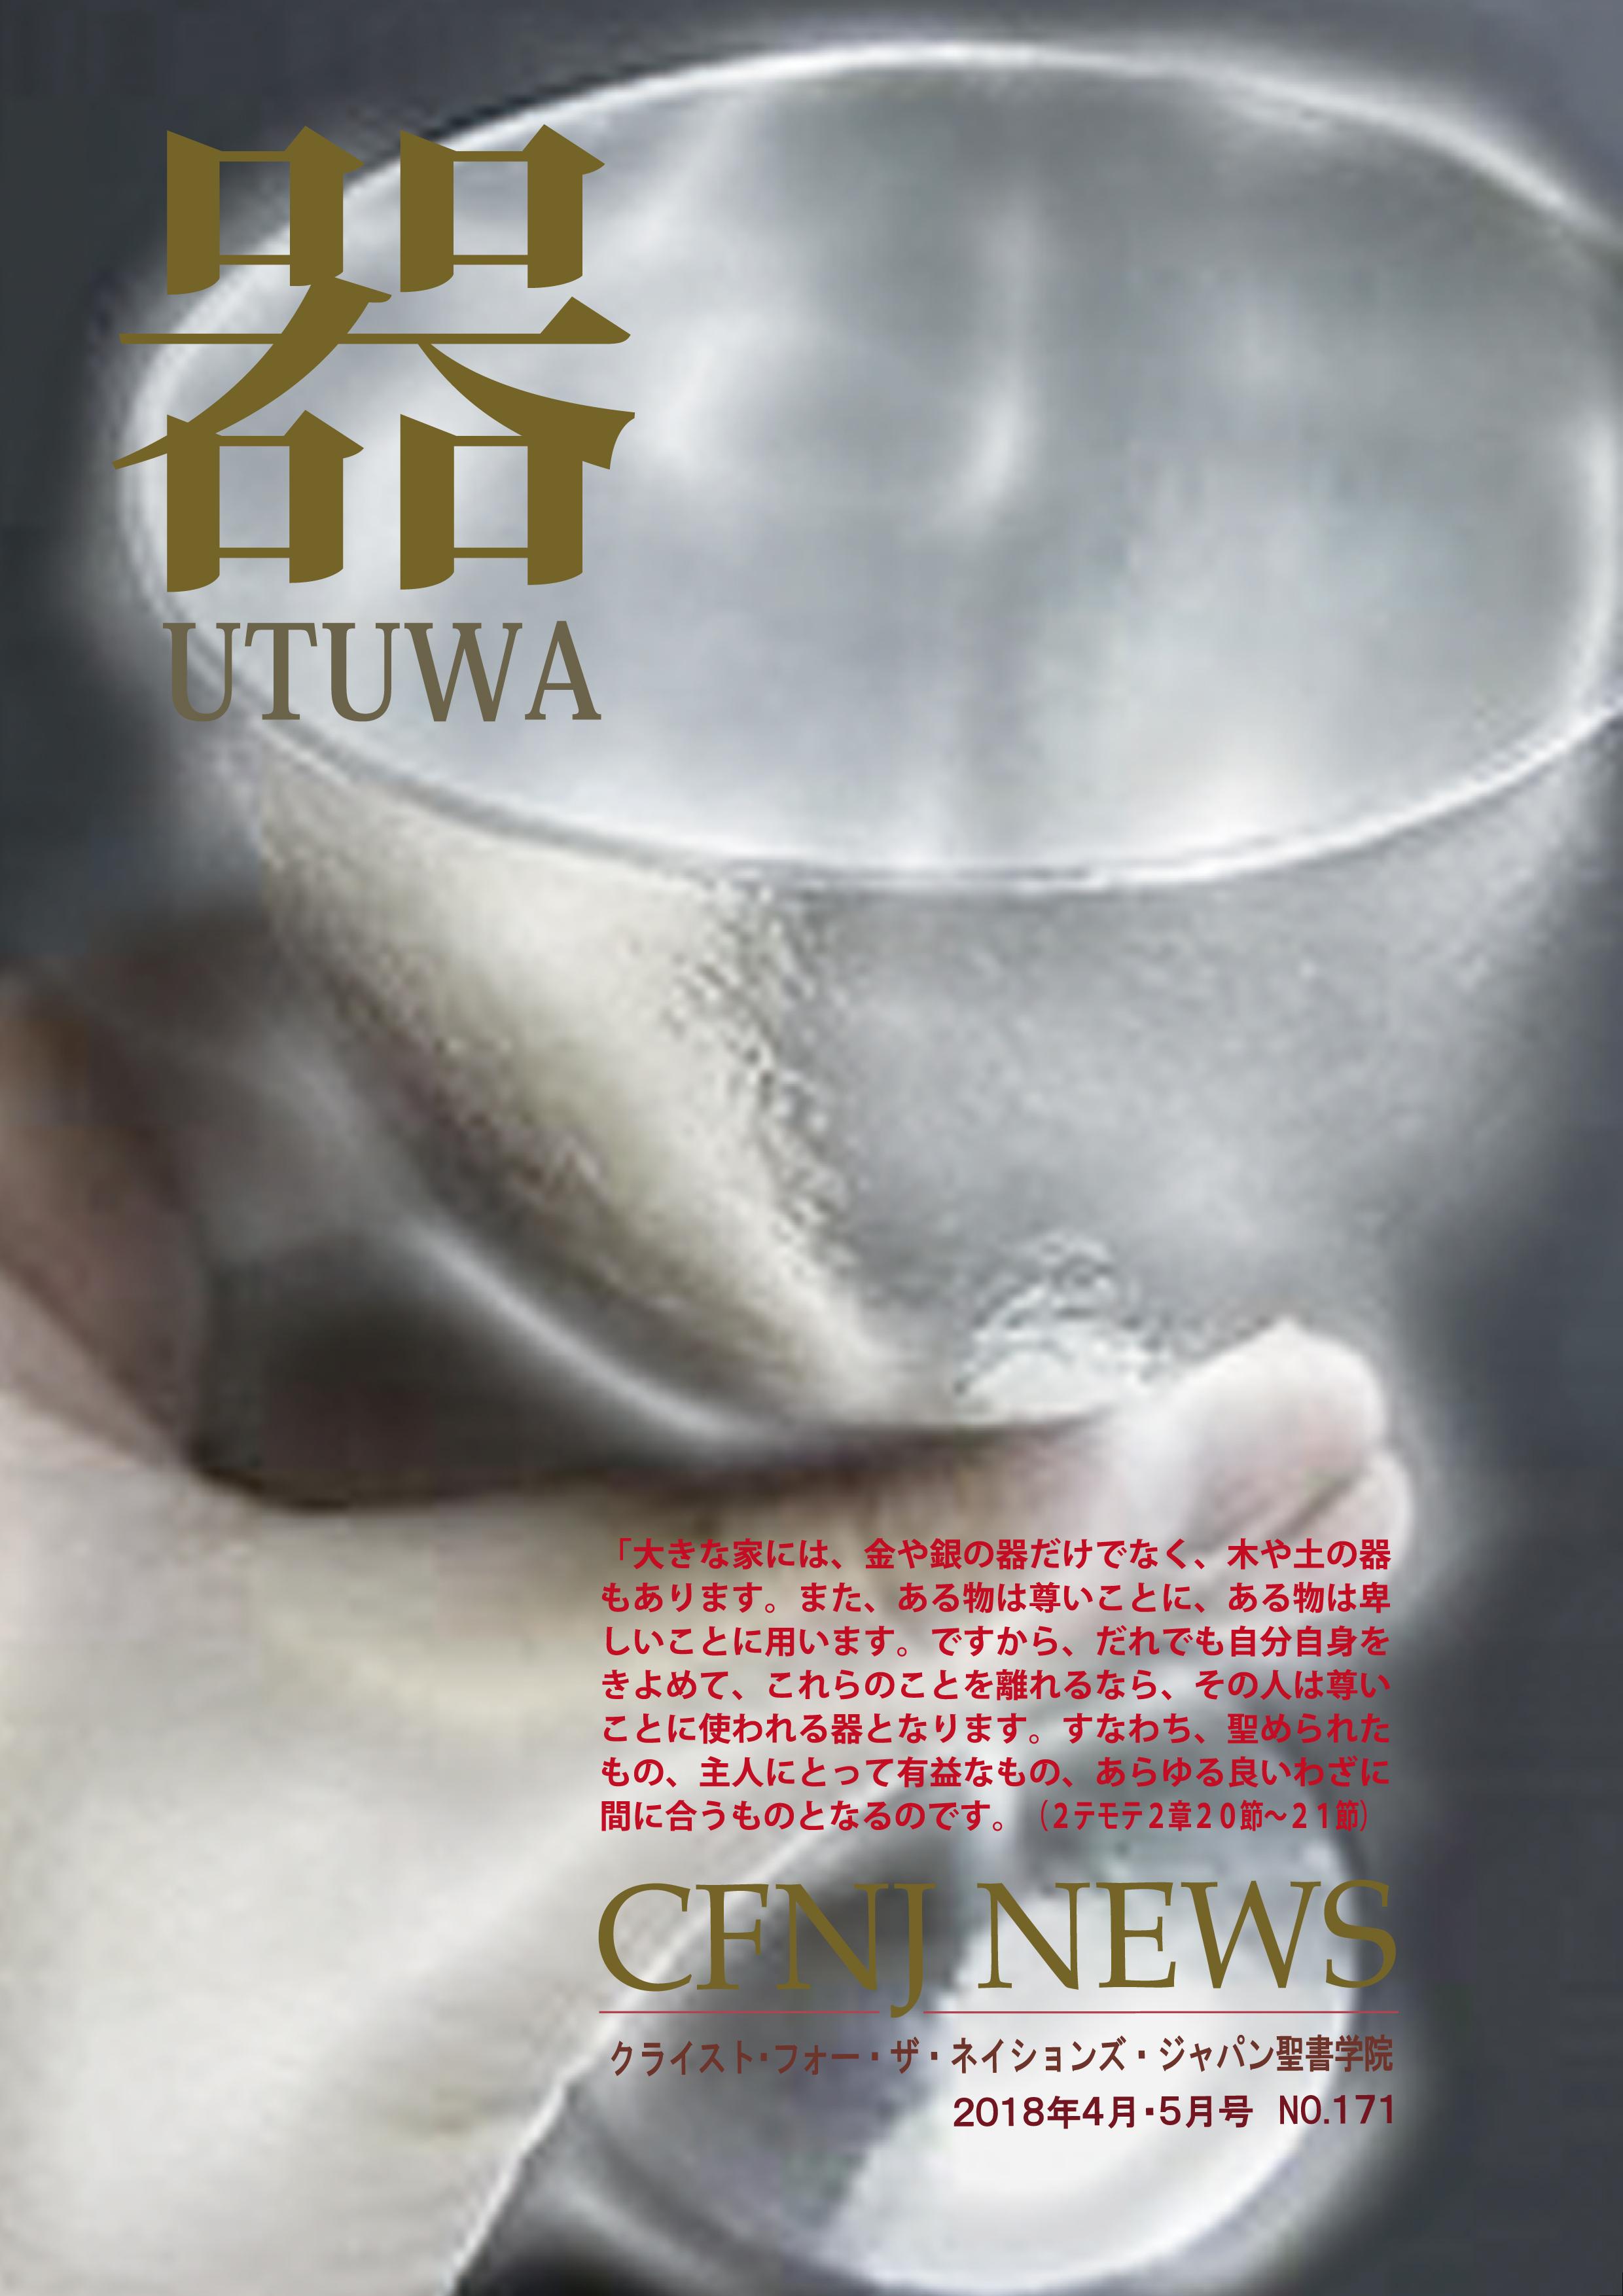 CFNJ NEWS No.171